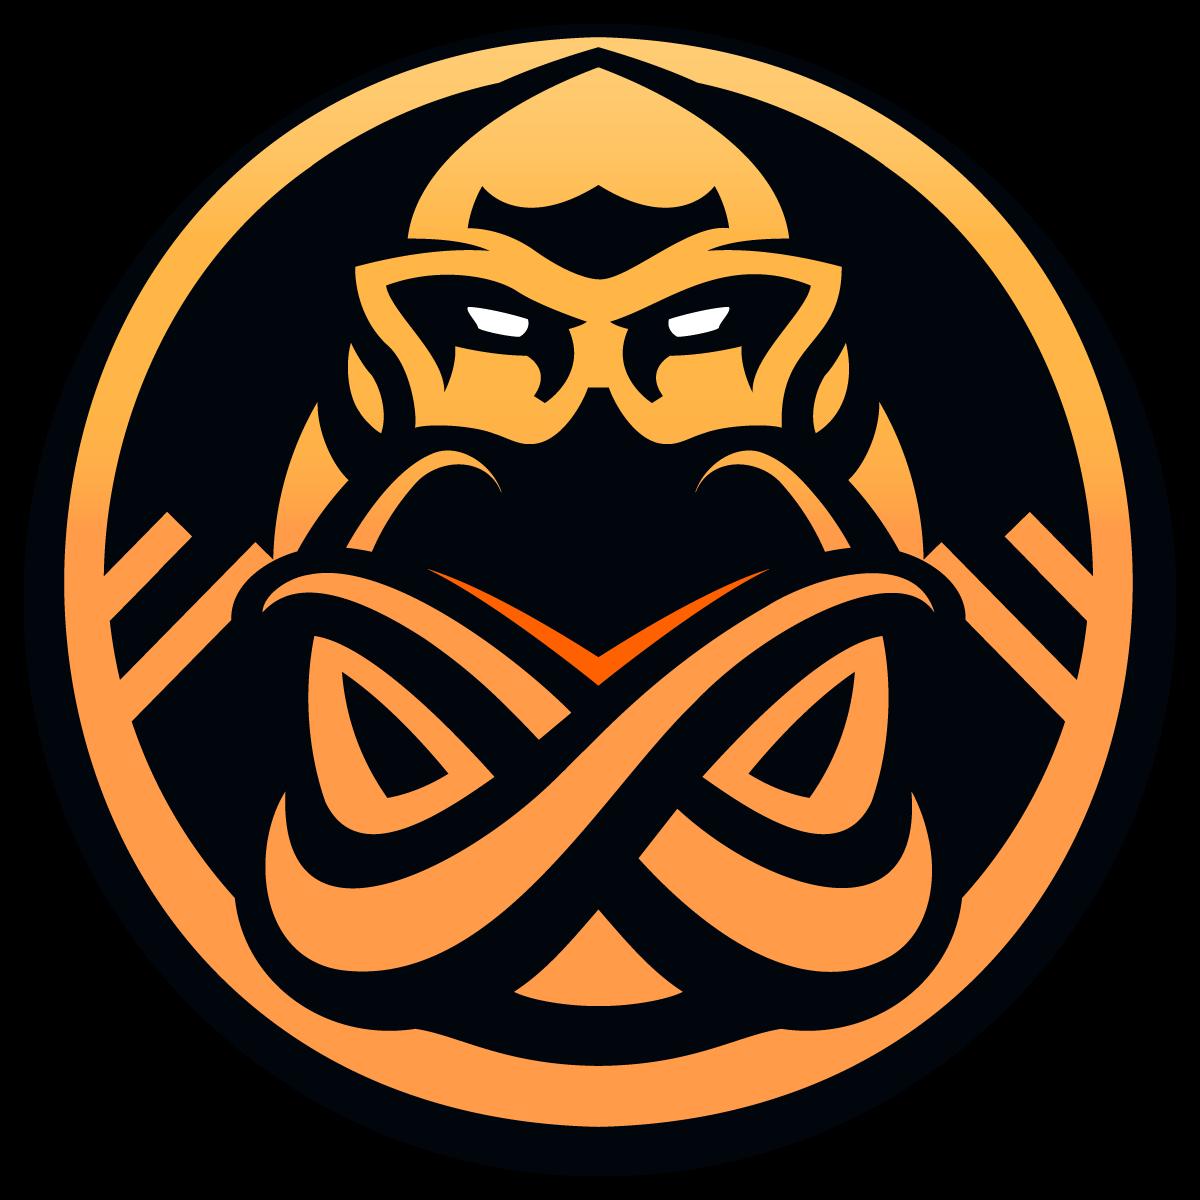 ENCE – Counter-Strike: Global Offensive (CS:GO) – Tältä sivulta löydät joukkueen tiedot, pelaajat, historian ja suurimmat voitot!